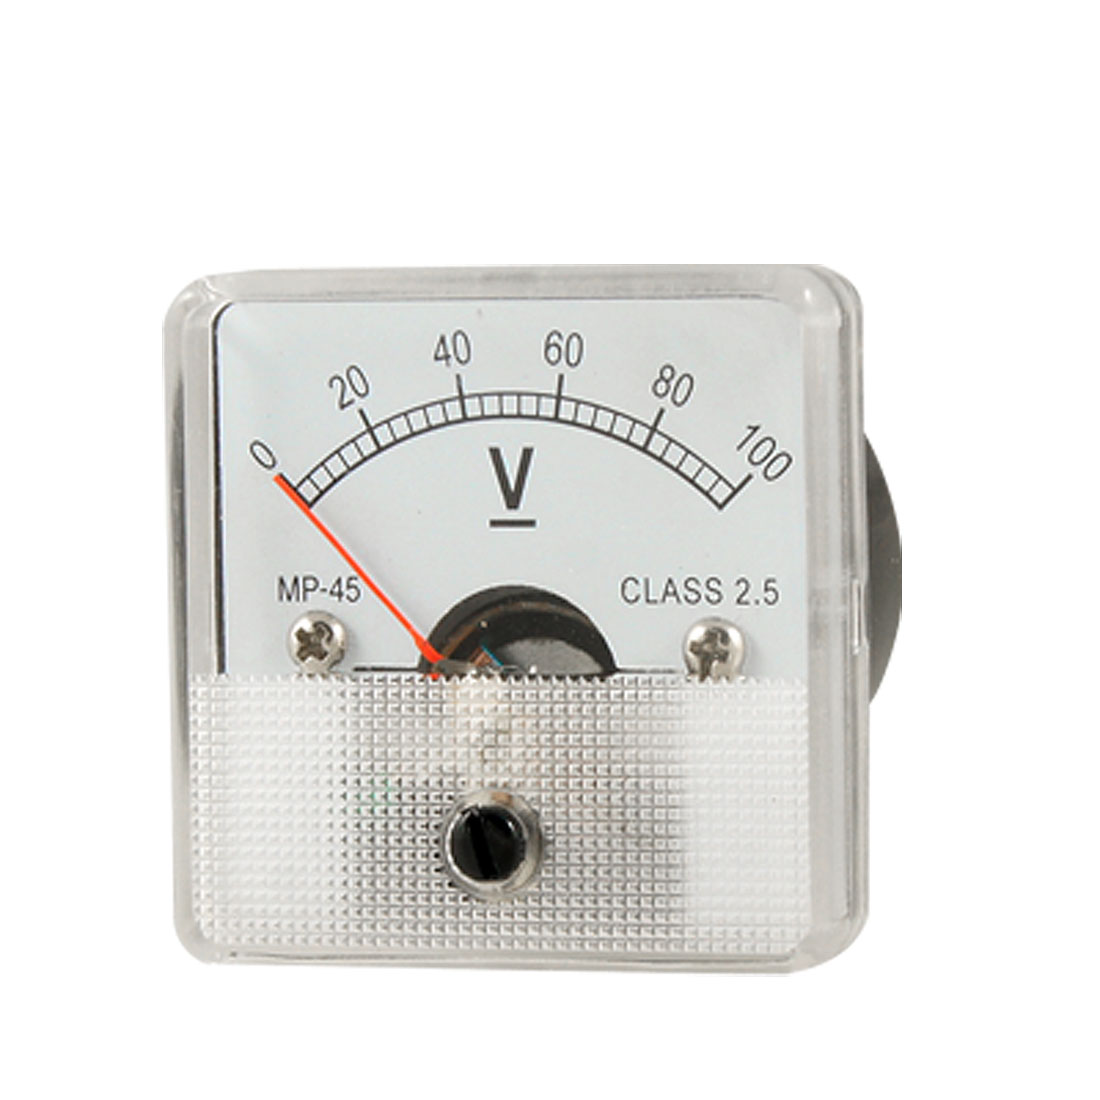 Analog Voltage Panel Meter DC 0-100V Voltmeter MP-45